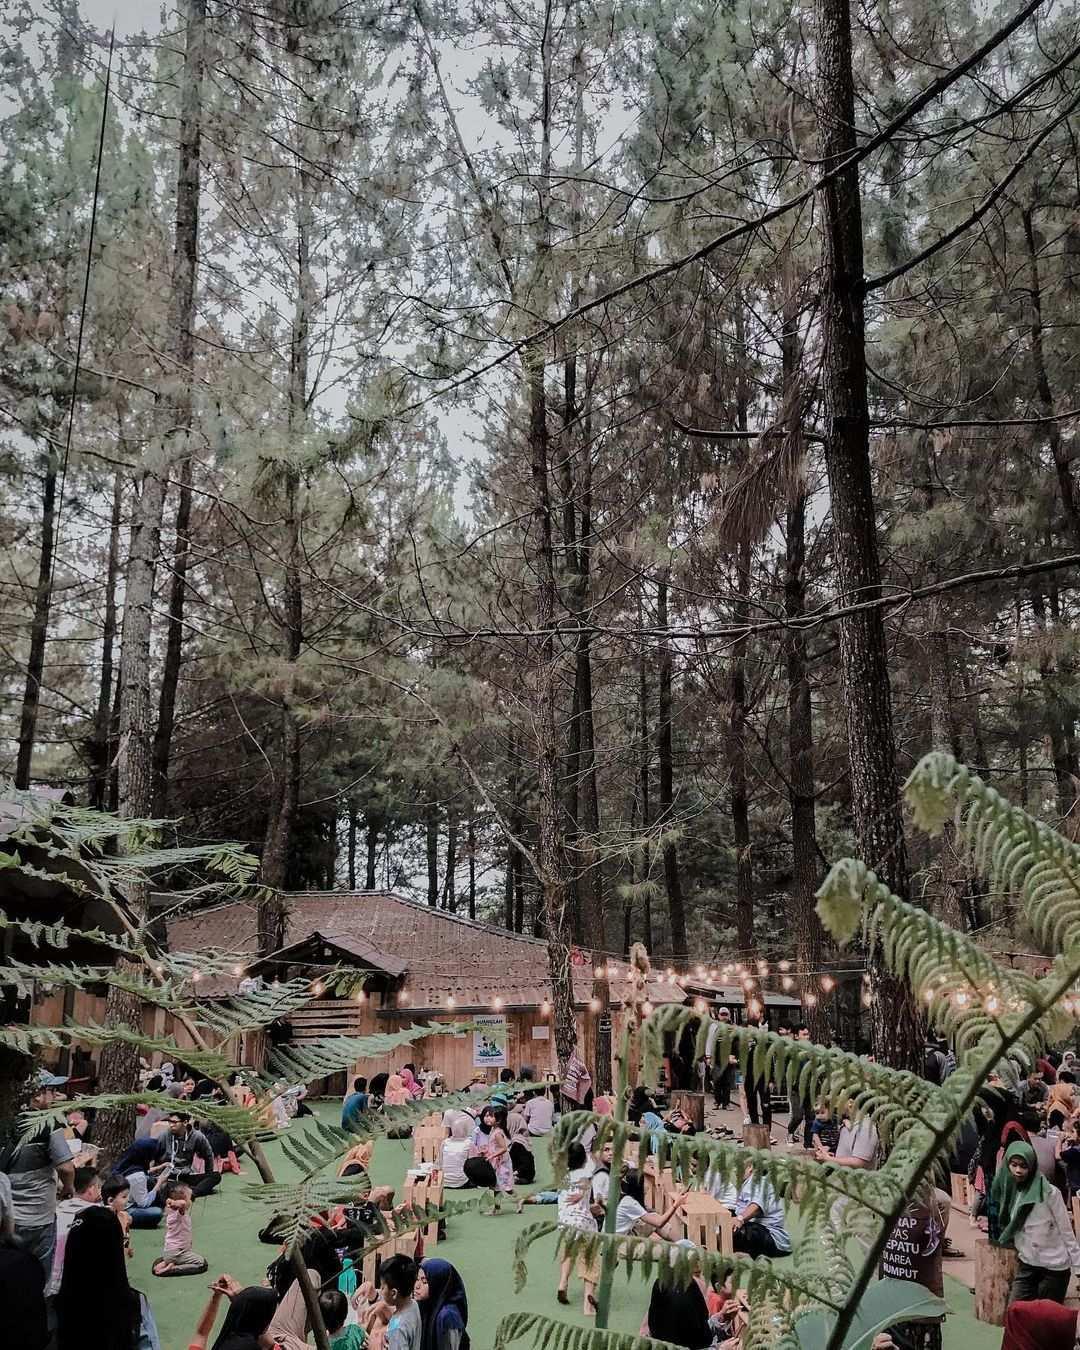 Suasana Pengunjung di Kopi Daong Bogor Image From @venstorys